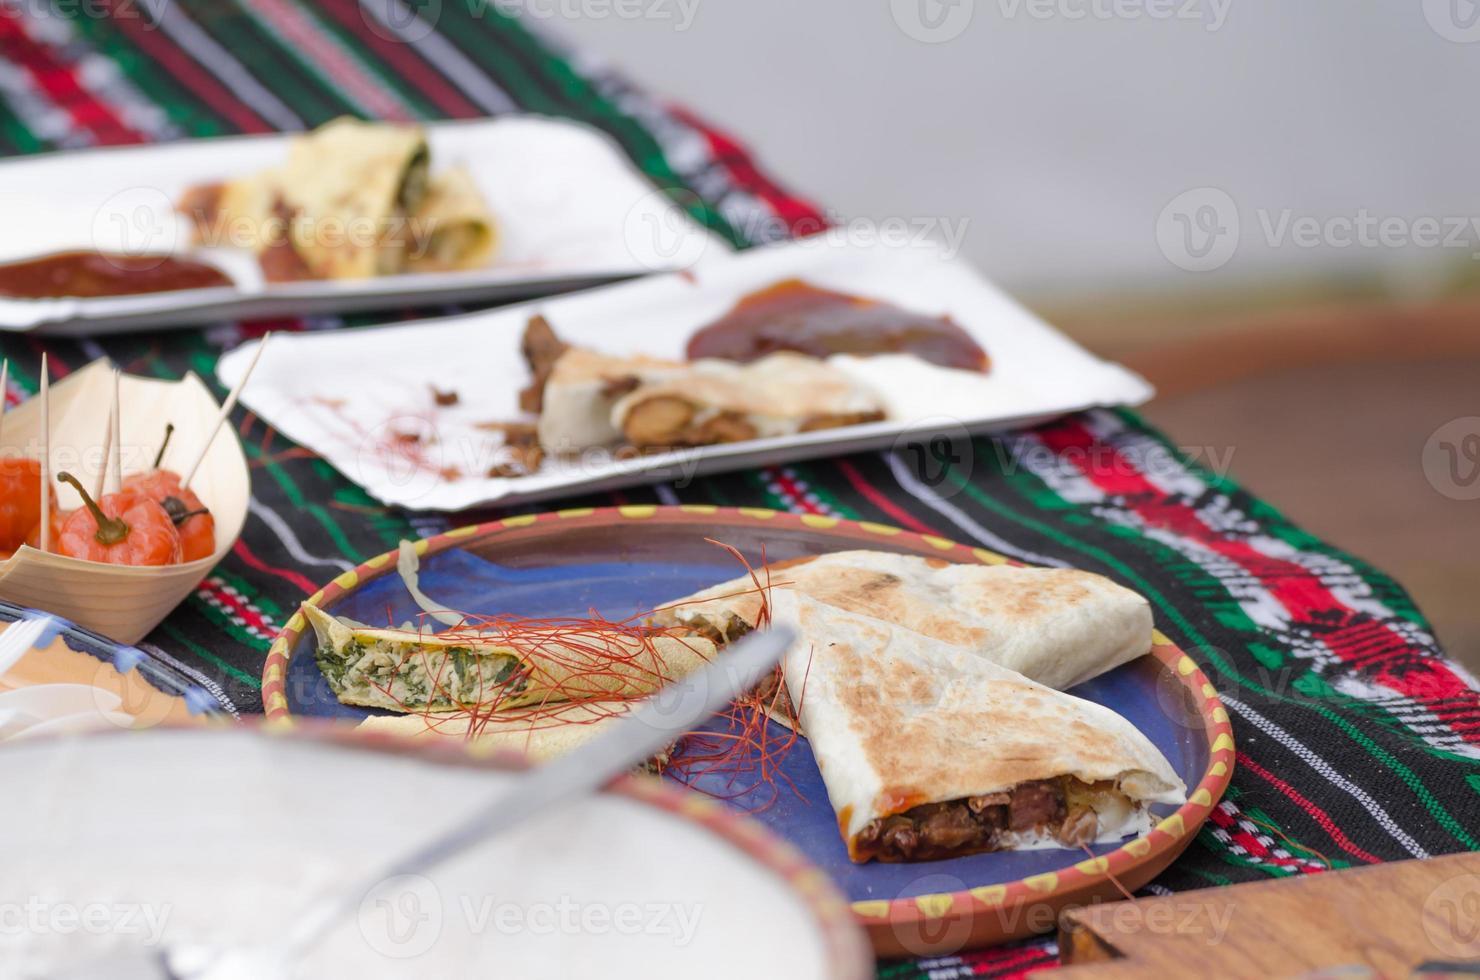 Tostadilas de Miguel - Wheat tortilla photo